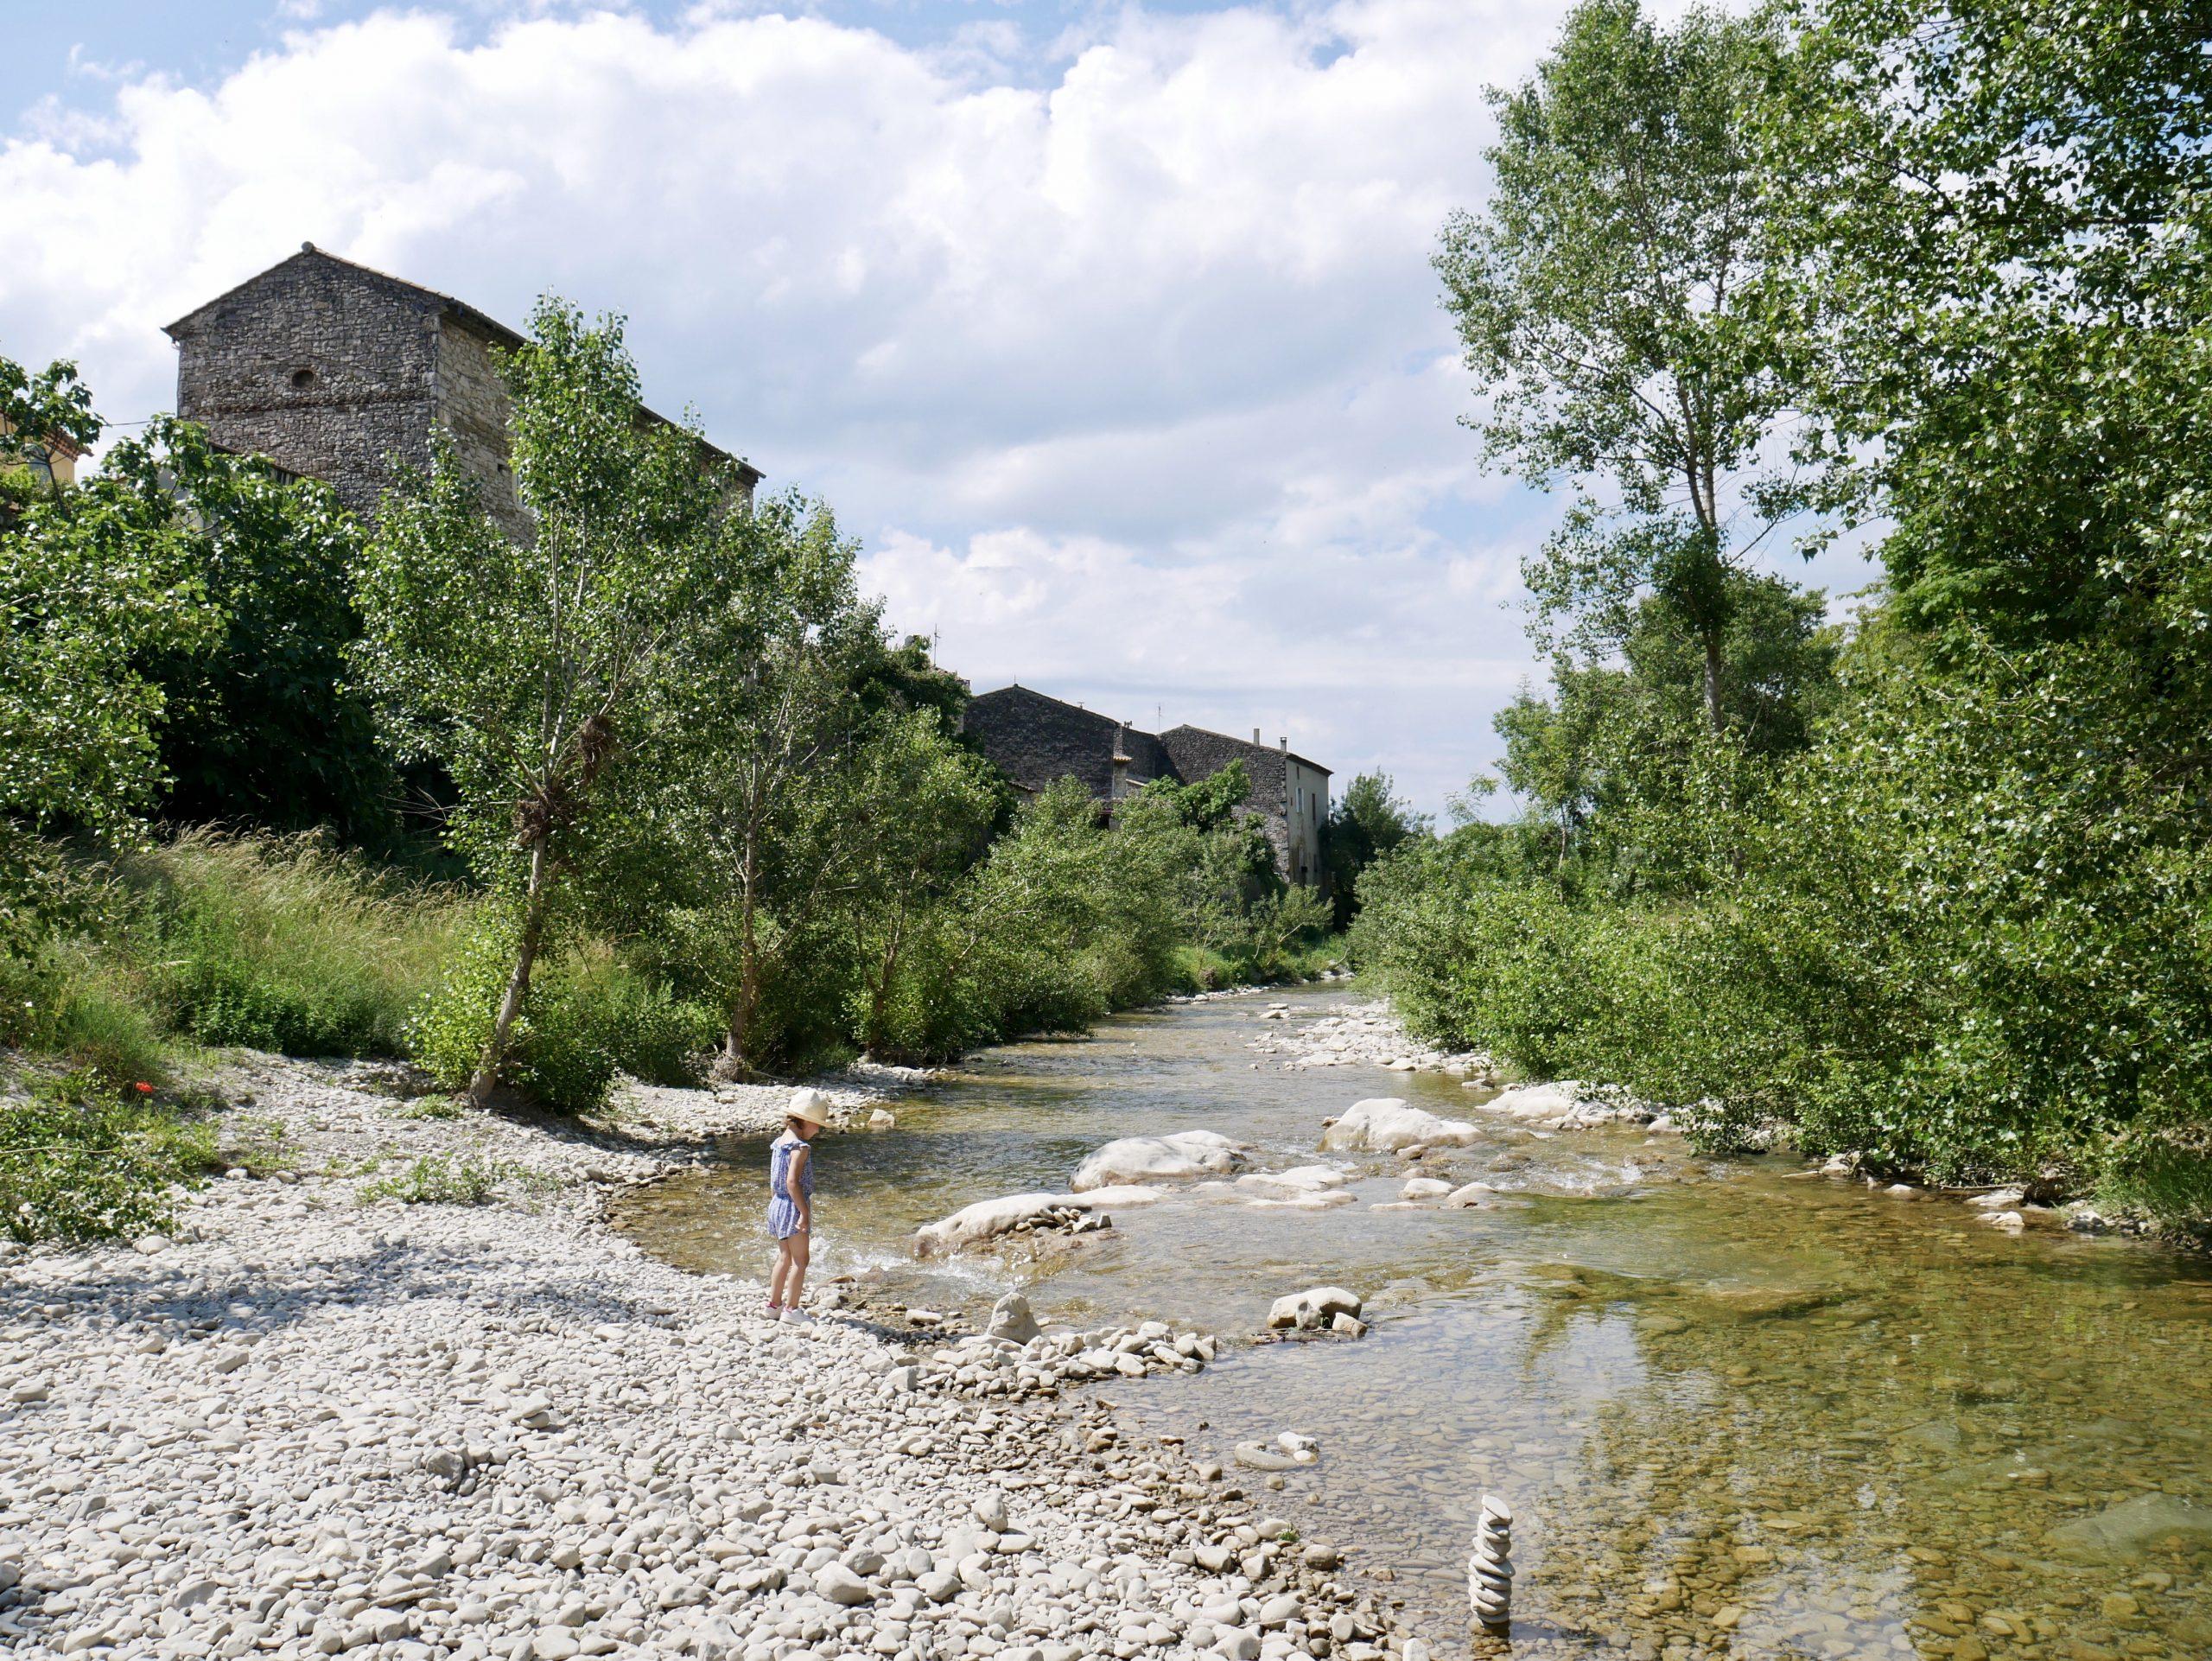 Balade et baignade à Pont-de-Barret en Drôme provençale